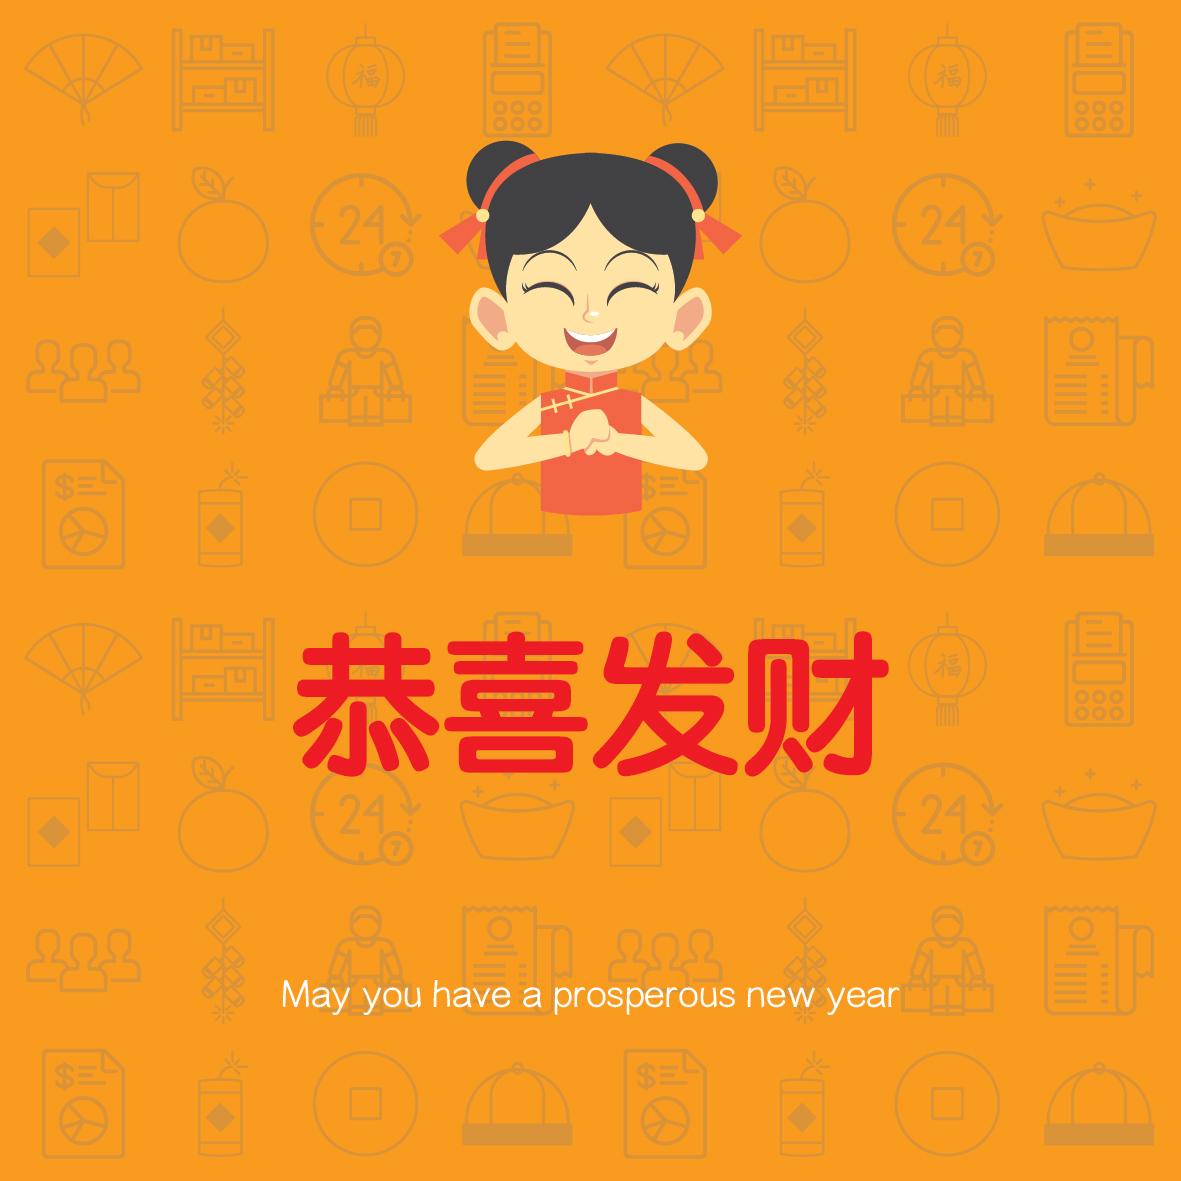 恭喜发财 2018 - Prosperous New Year